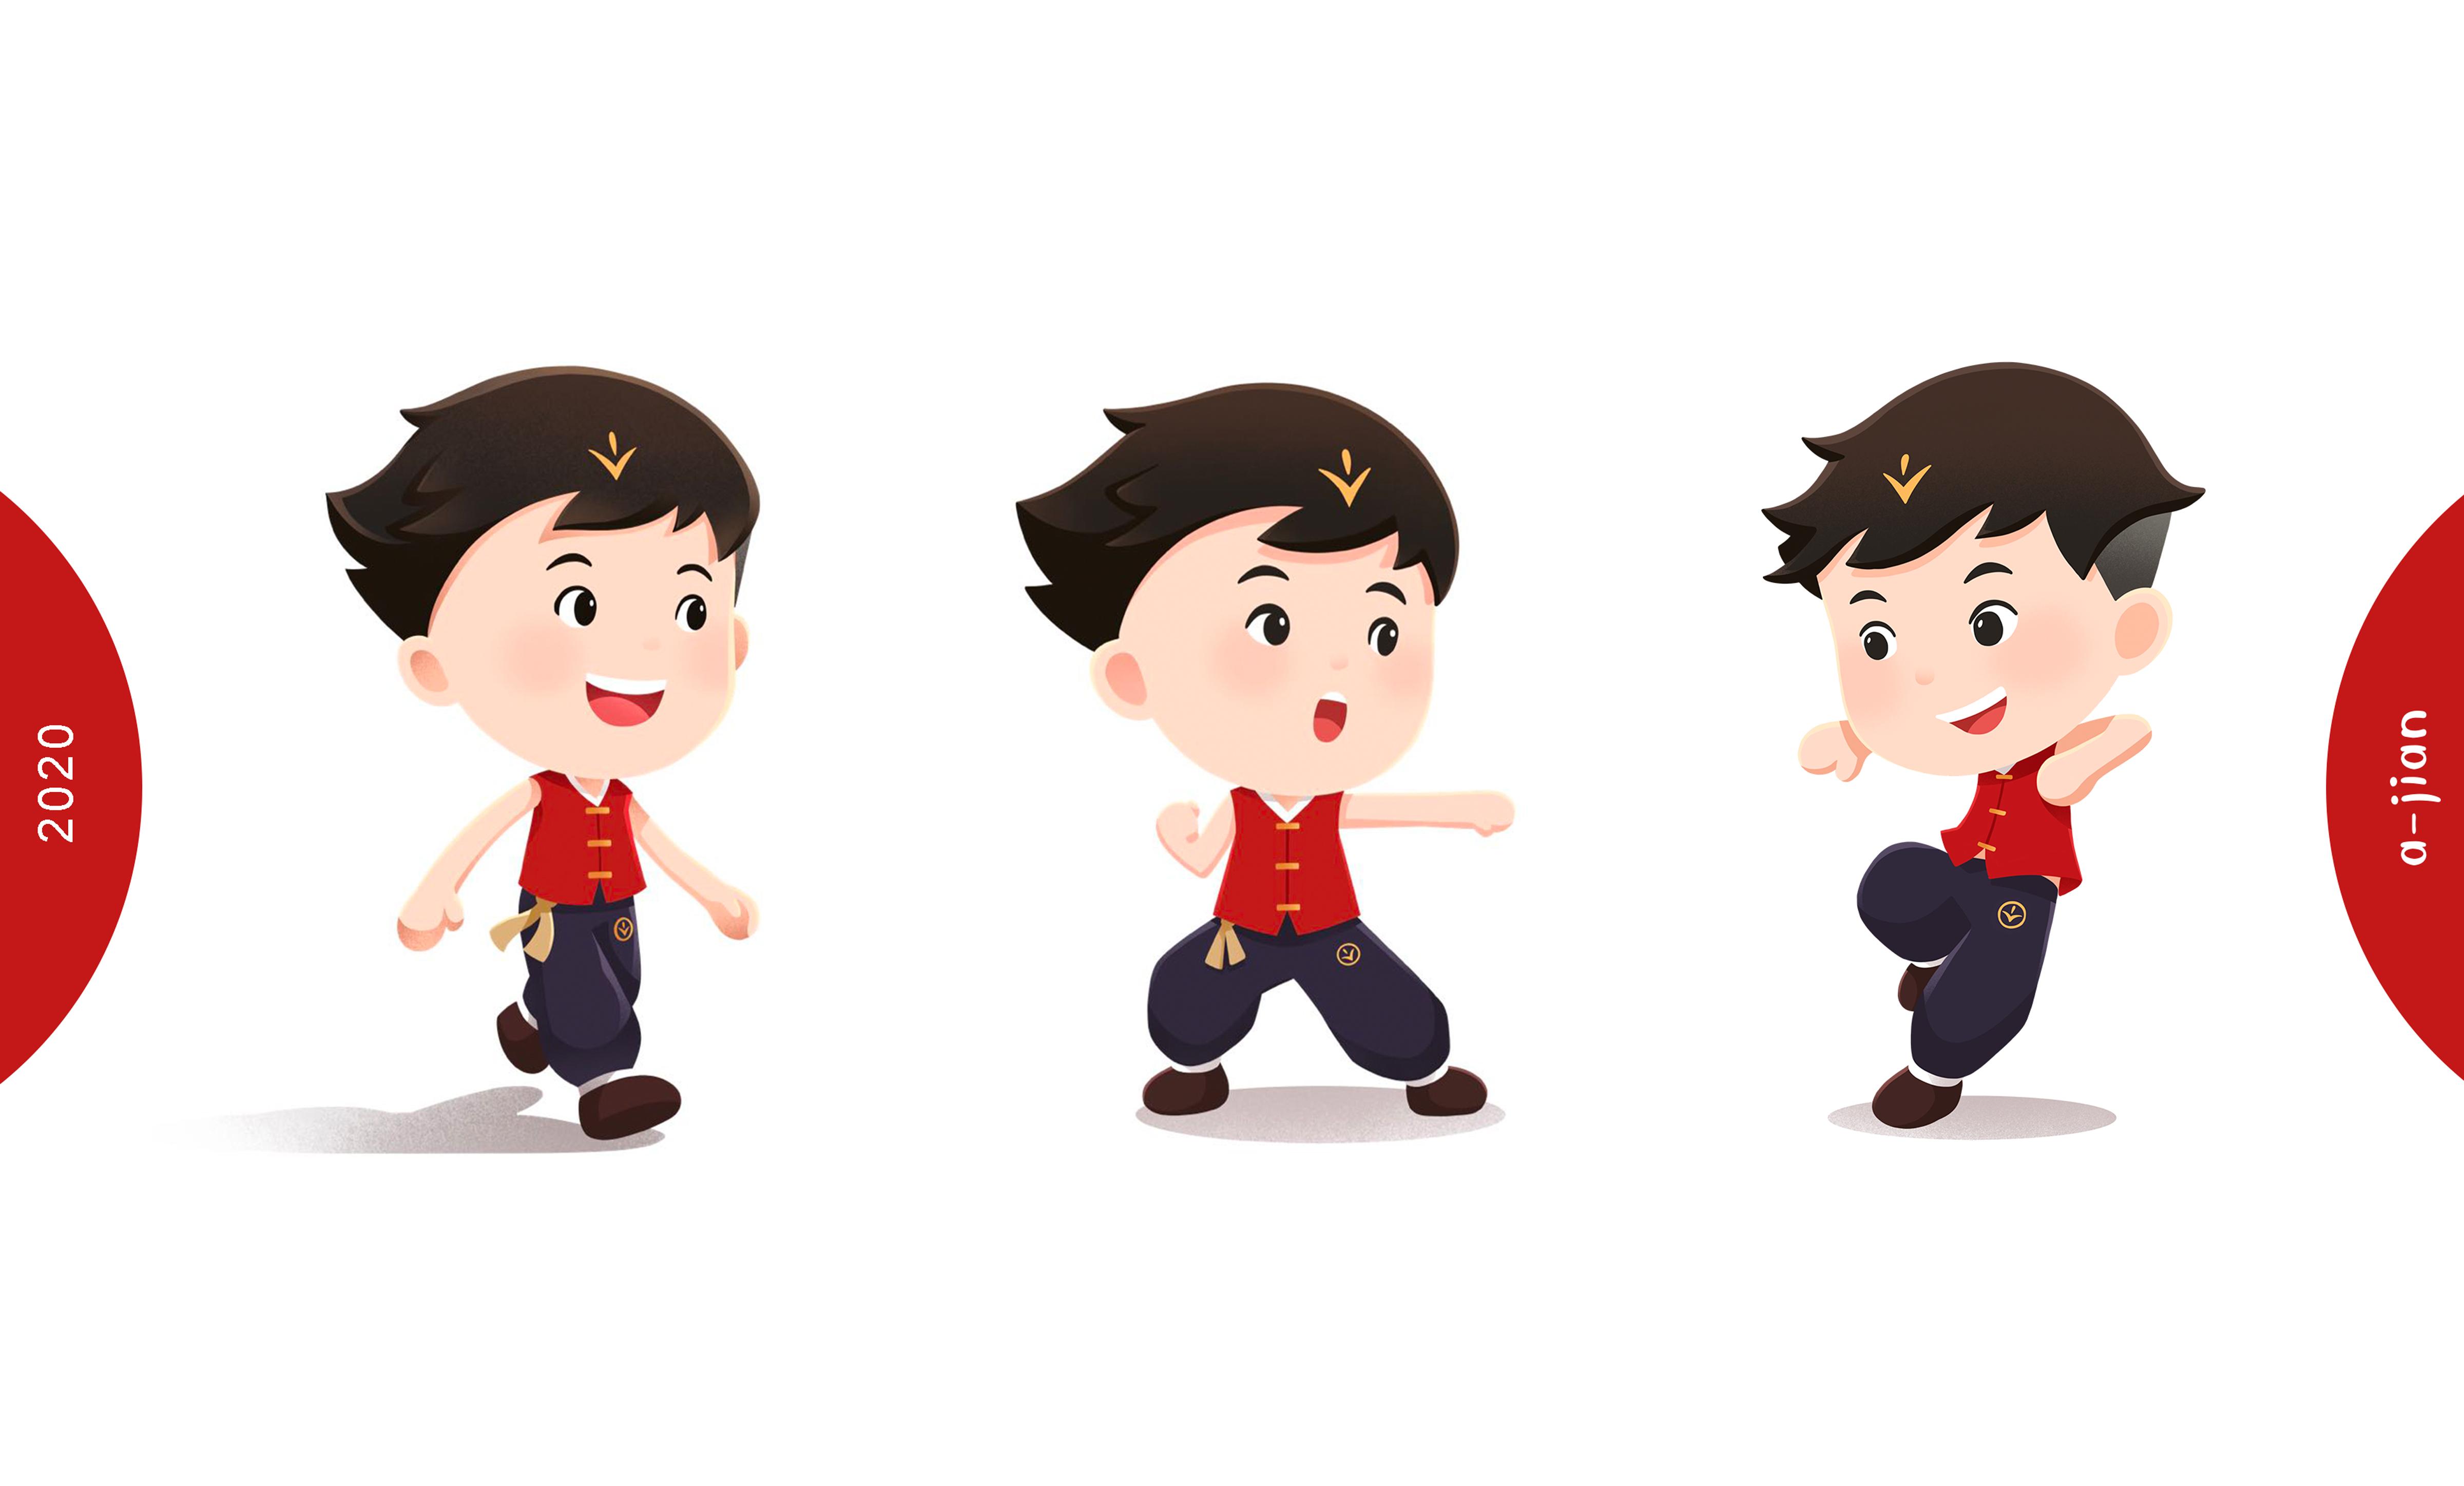 功夫阿健2020闪亮登场,5分极速快乐8启用全新卡通形象!